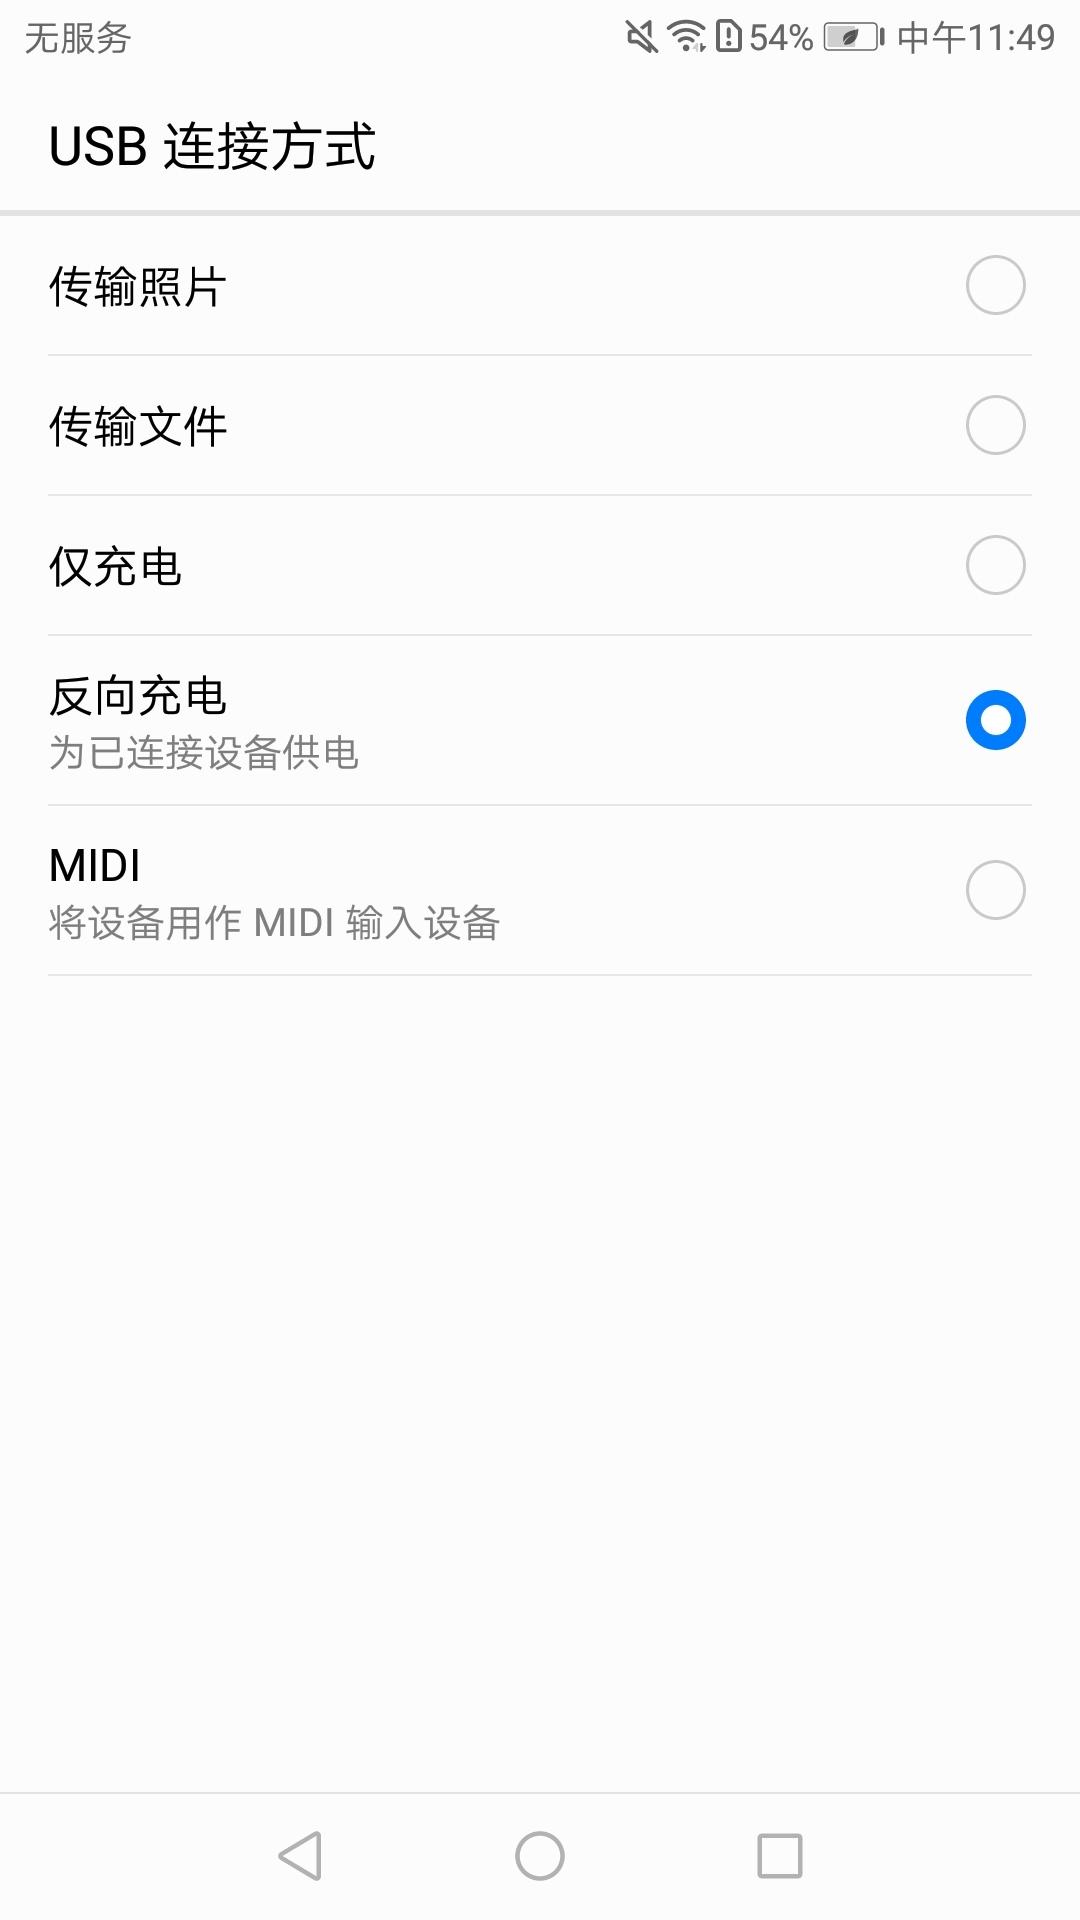 Screenshot_20210410-114945.jpg